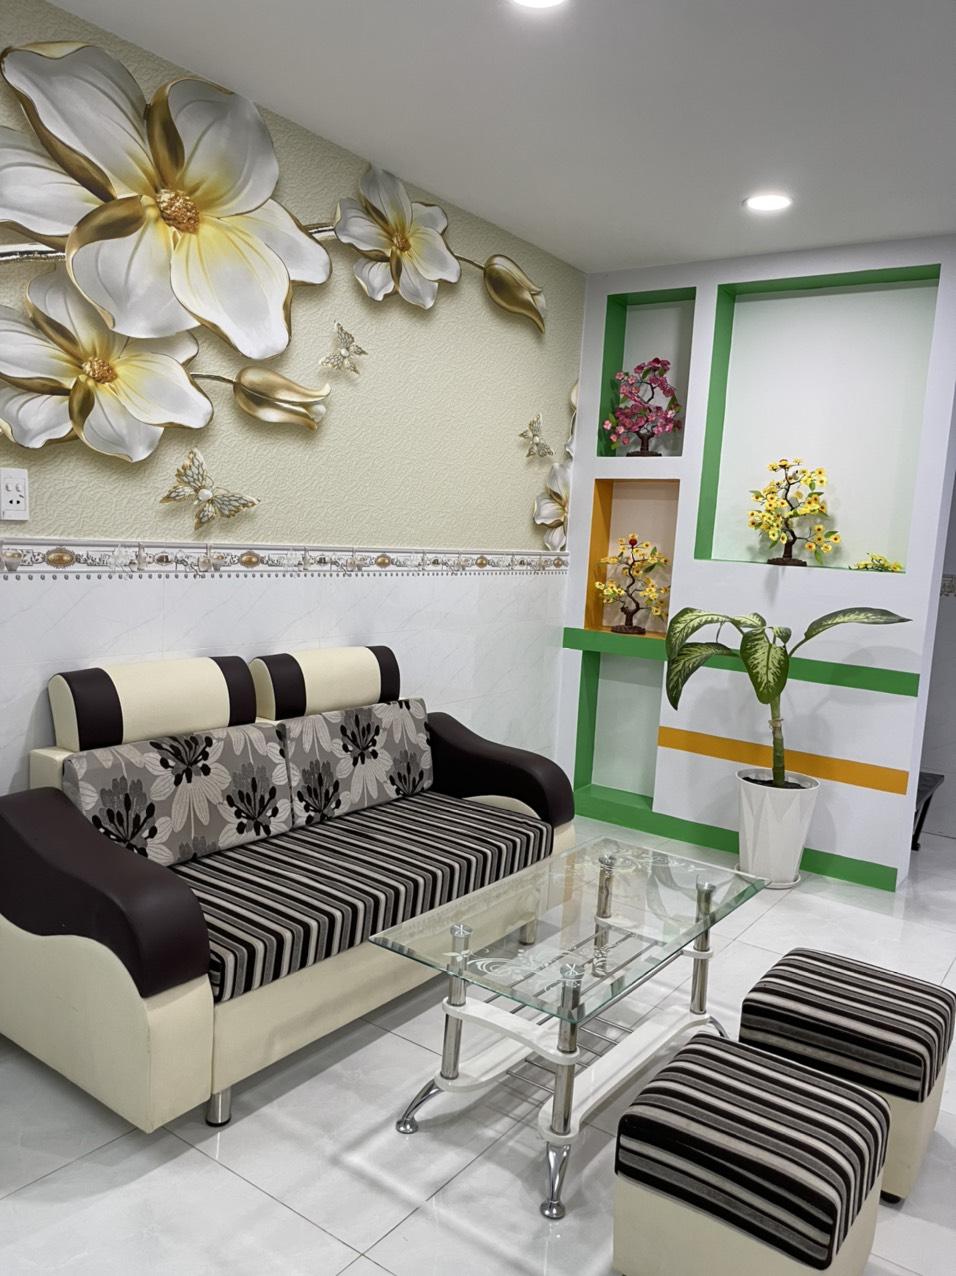 Bán nhà quận Bình Tân dưới 3 tỷ, đường số 5A phường Bình Hưng Hòa mới nhất